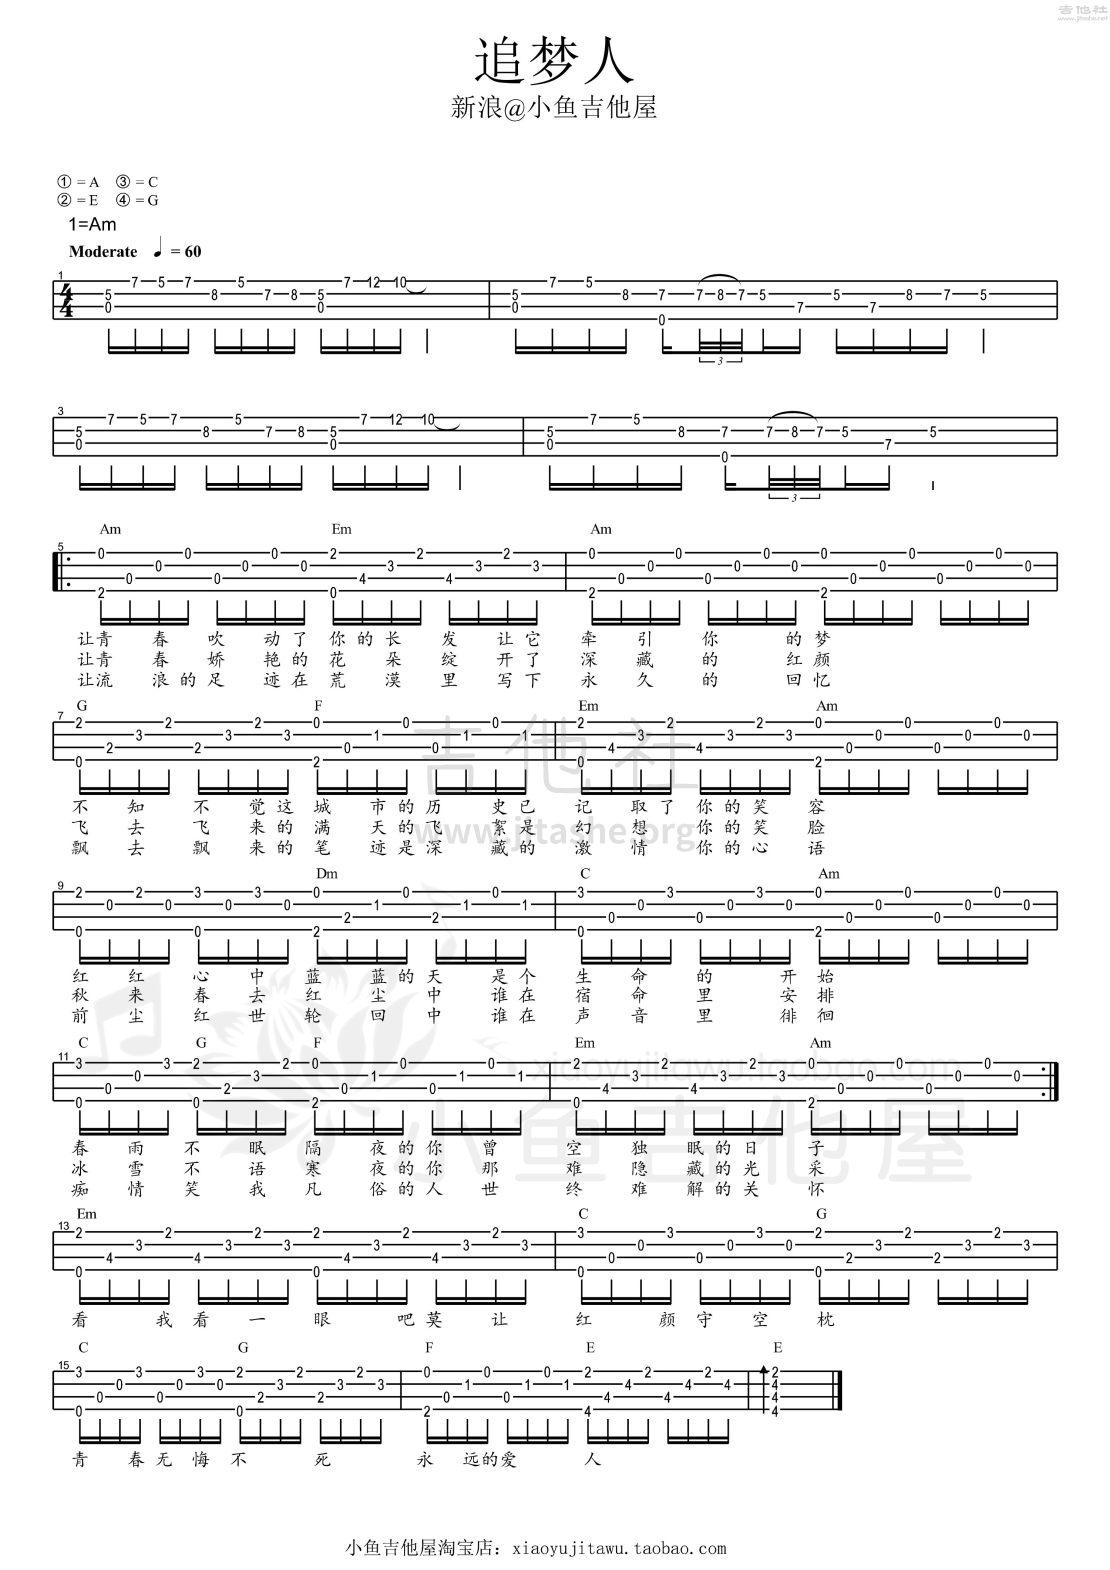 追梦人吉他谱(图片谱,尤克里里,弹唱,教程)_凤飞飞_追梦人.jpeg